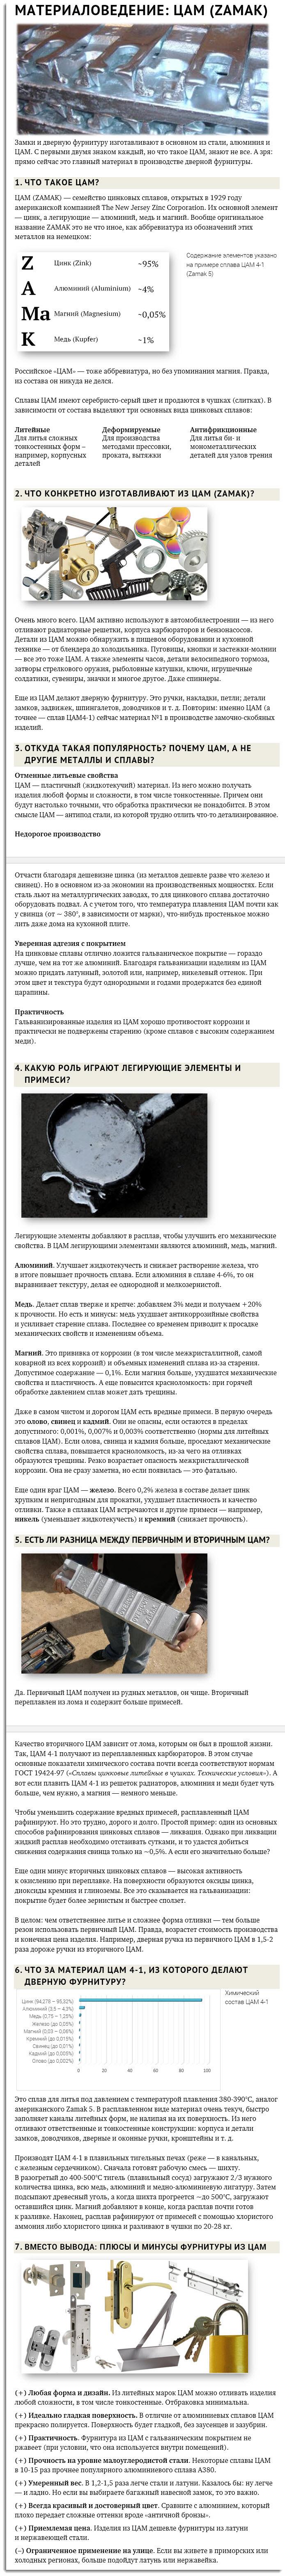 Техническая статья для сайта (материал ЦАМ)